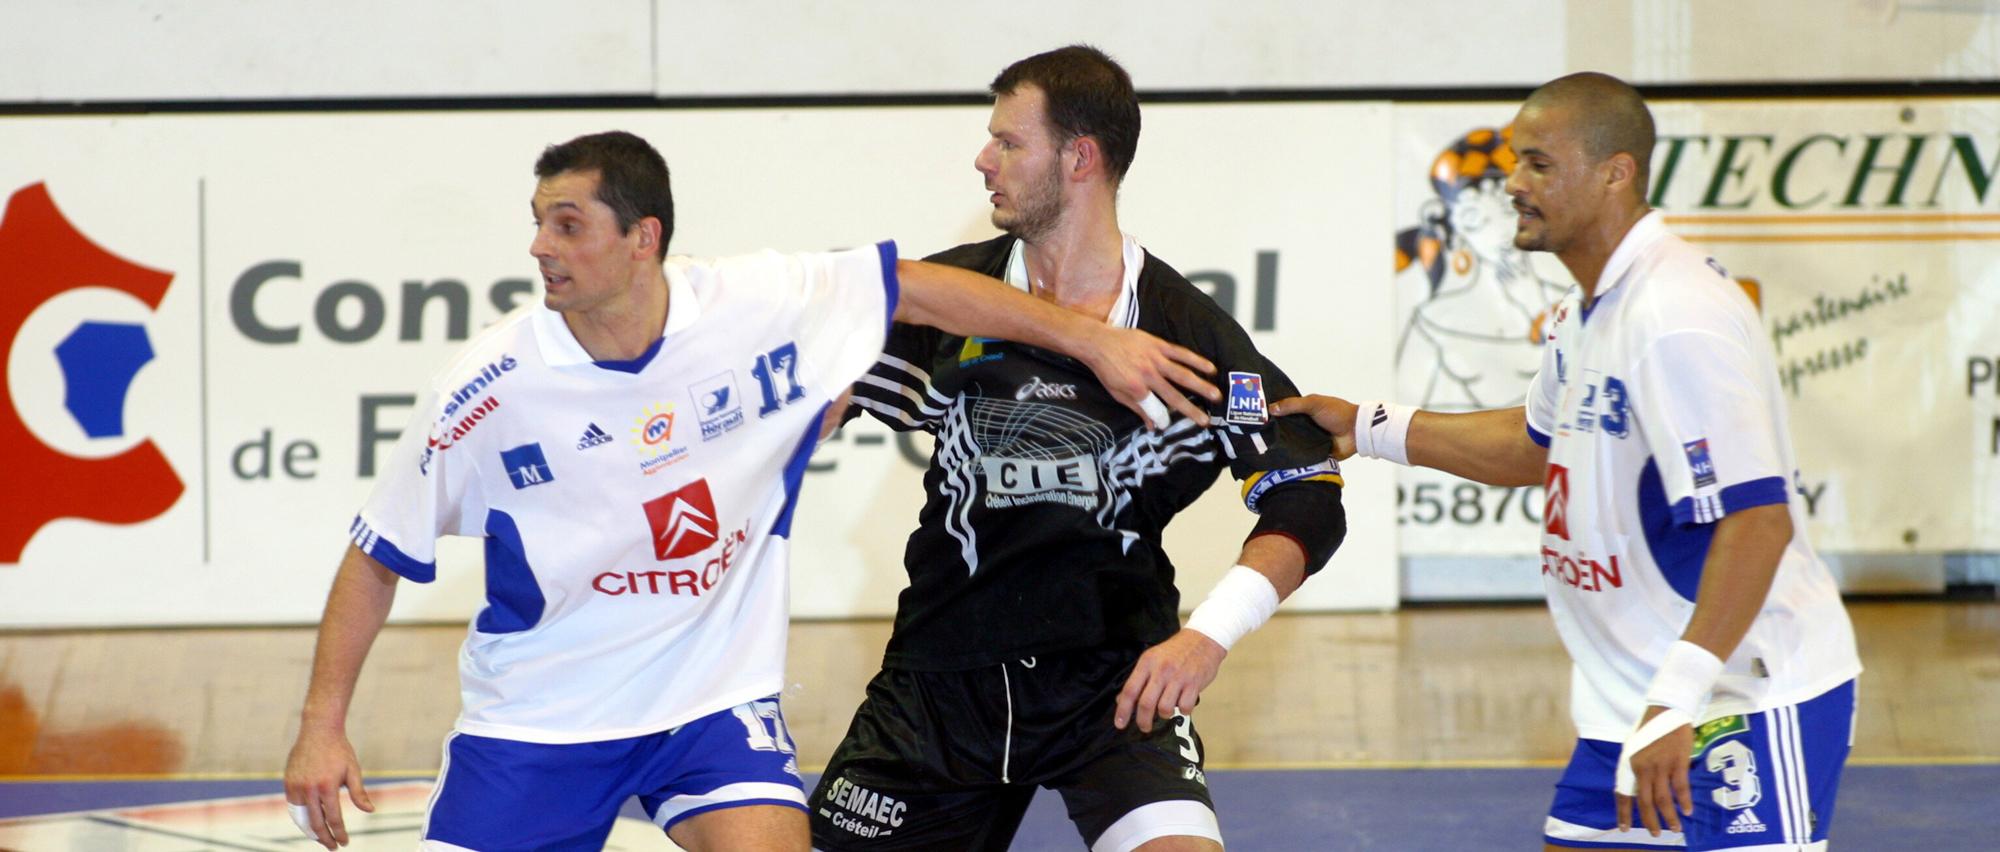 Lors de la saison 2002-2003, Guéric Kervadec a remporté la Coupe de la Ligue avec Créteil.